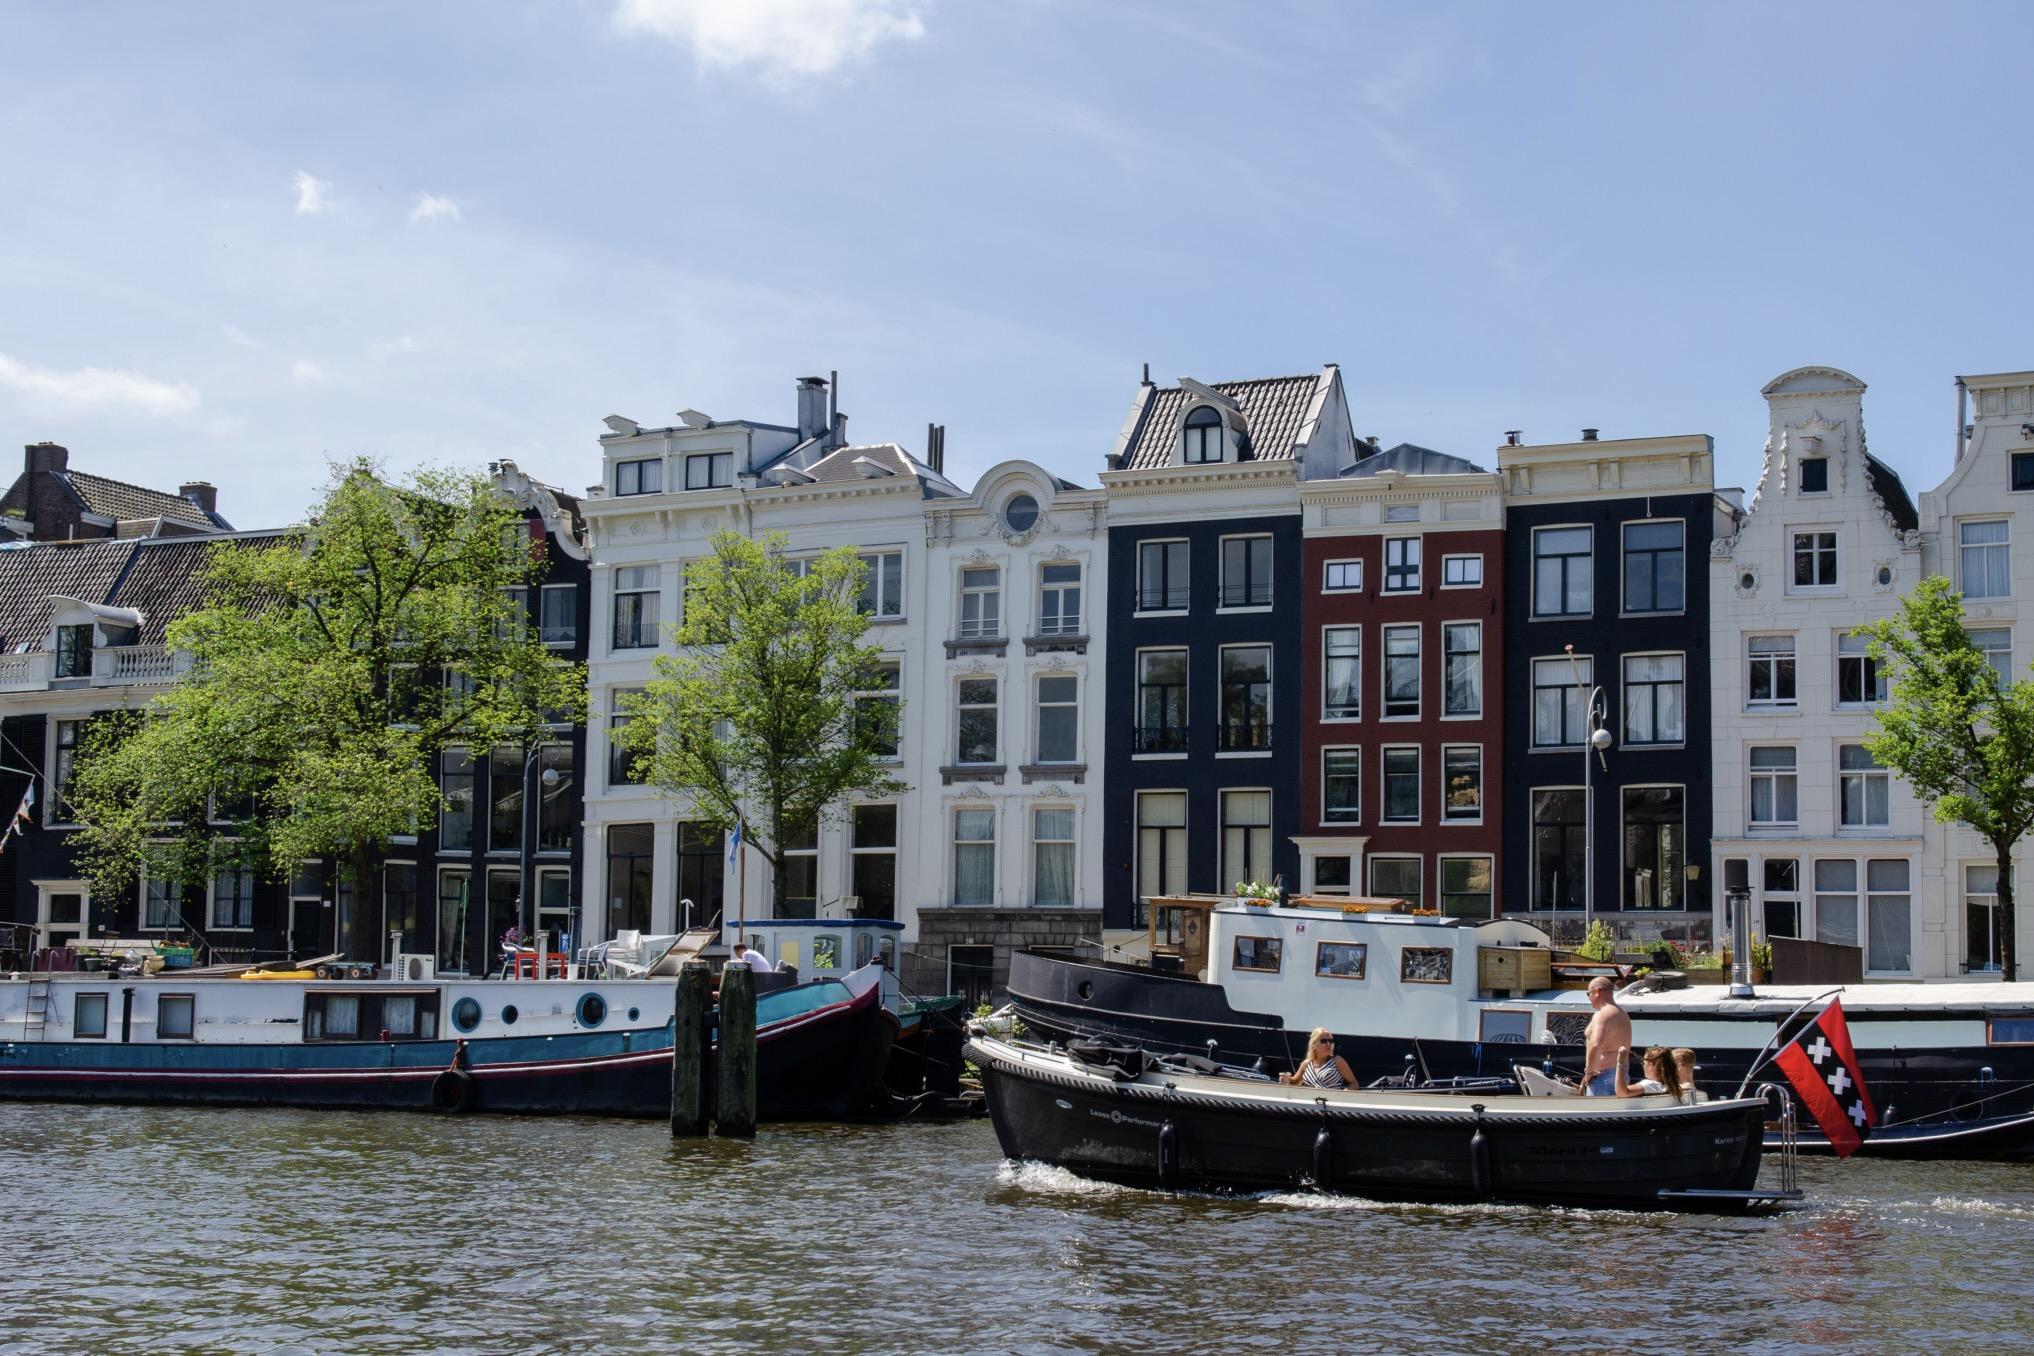 Amsterdam mit den Grachten ist eine der schönsten Städte in Europa